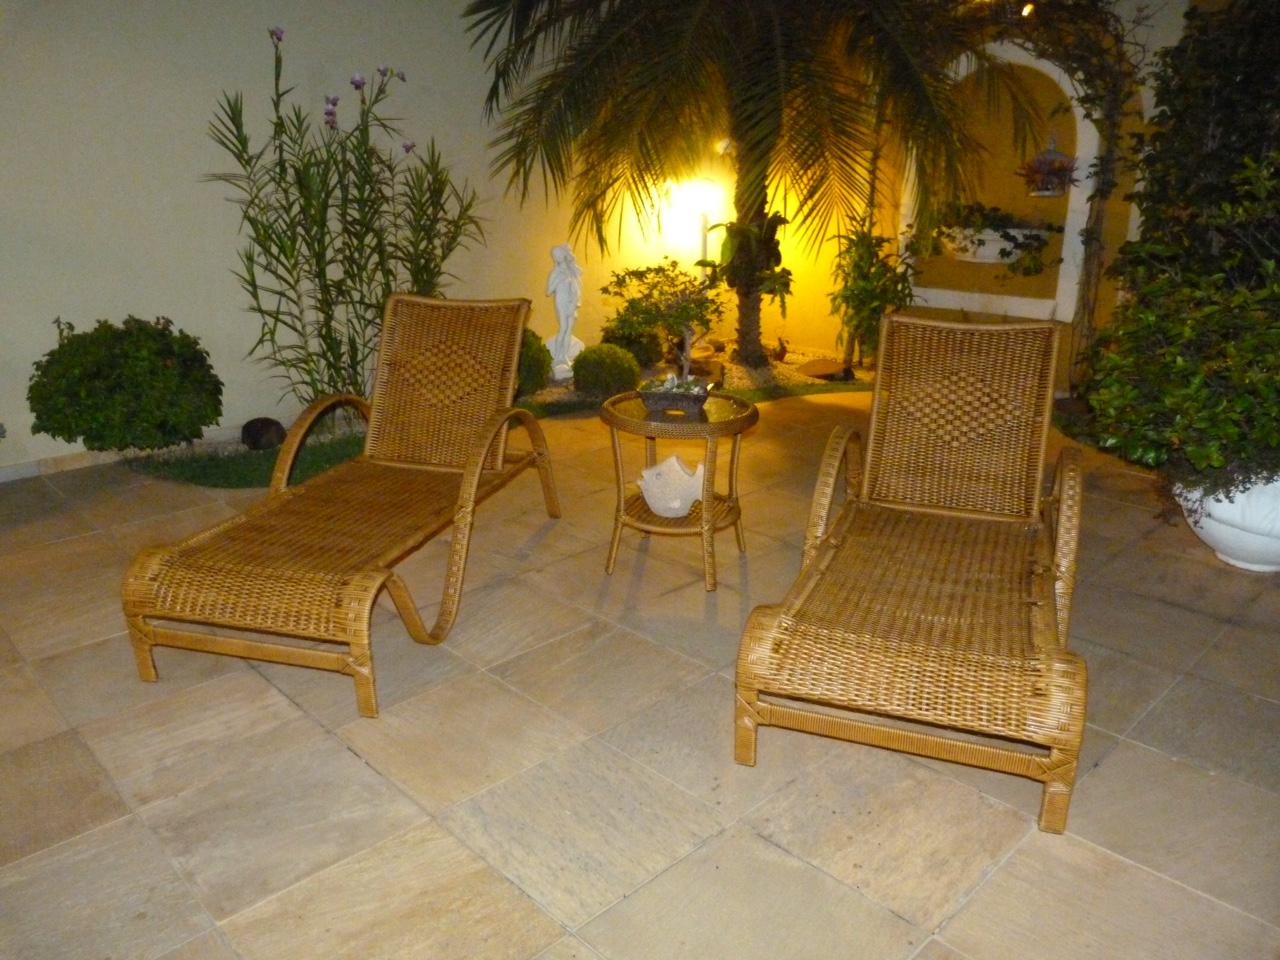 Móveis De Fibra Sintética Varanda De Apartamento Piscina E Jardim #BFA20C 1280x960